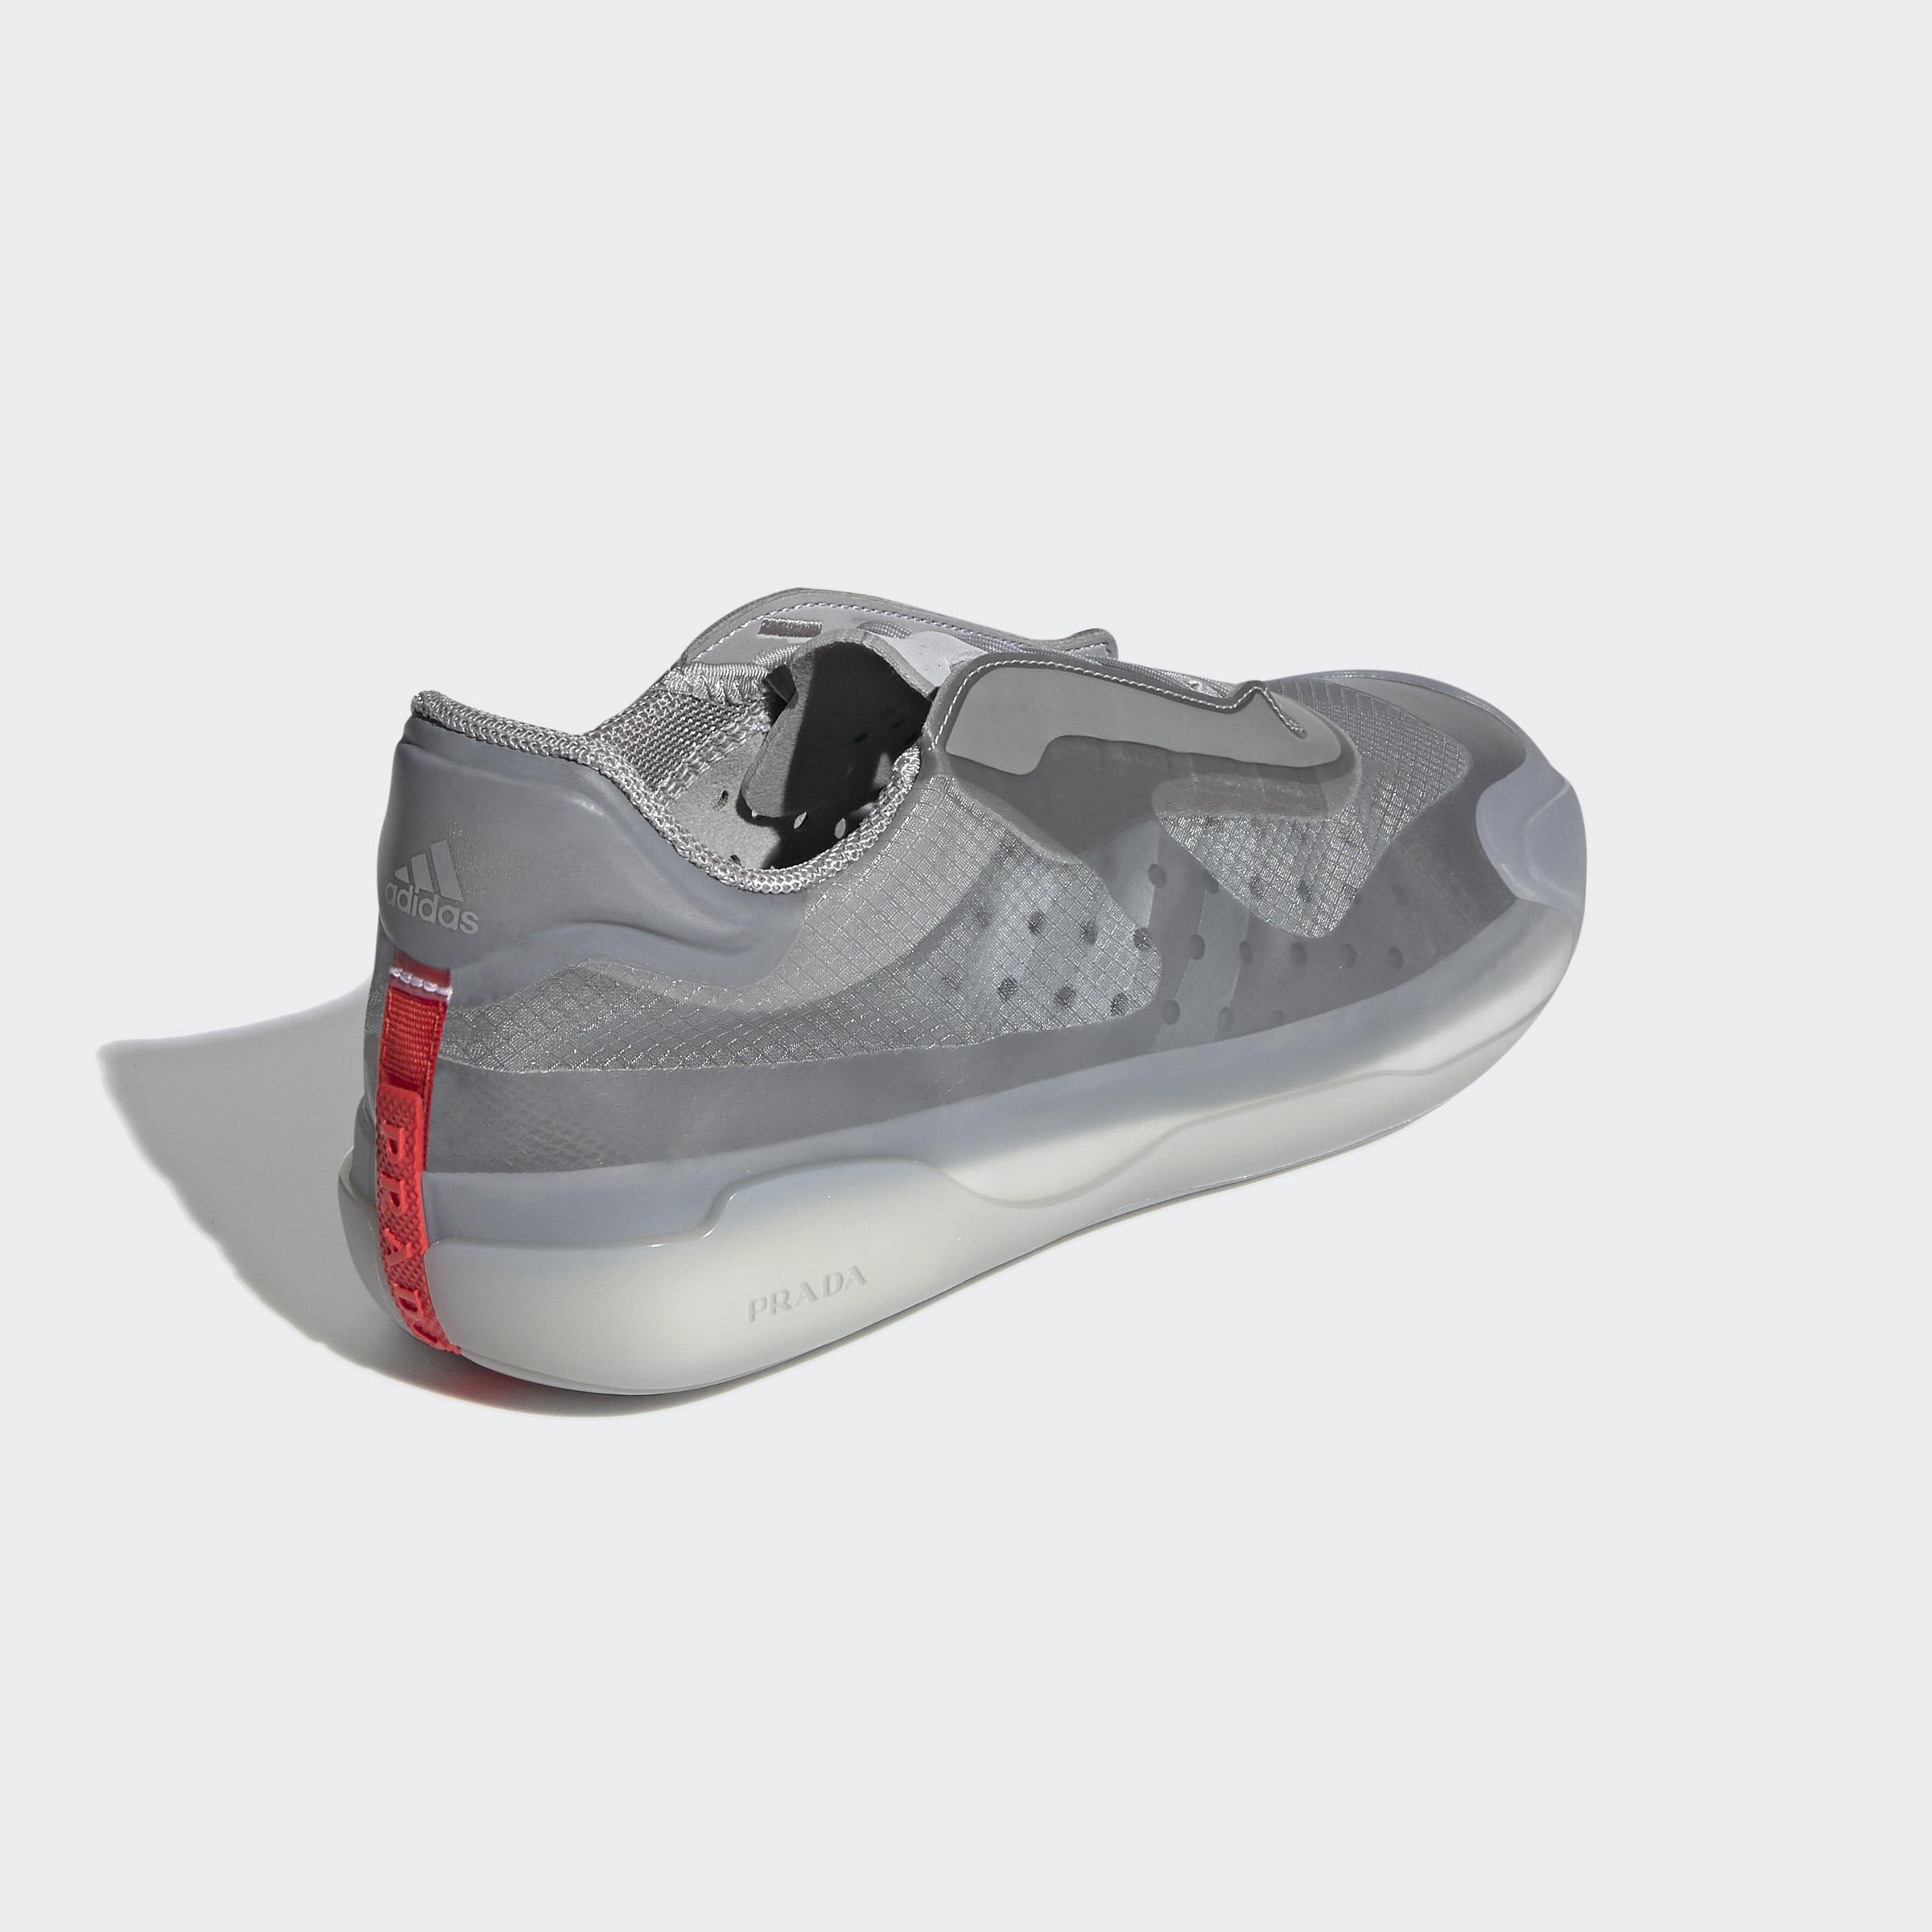 PRADA X ADIDAS: Los sneakers de lujo diseñados para el deporte de navegación